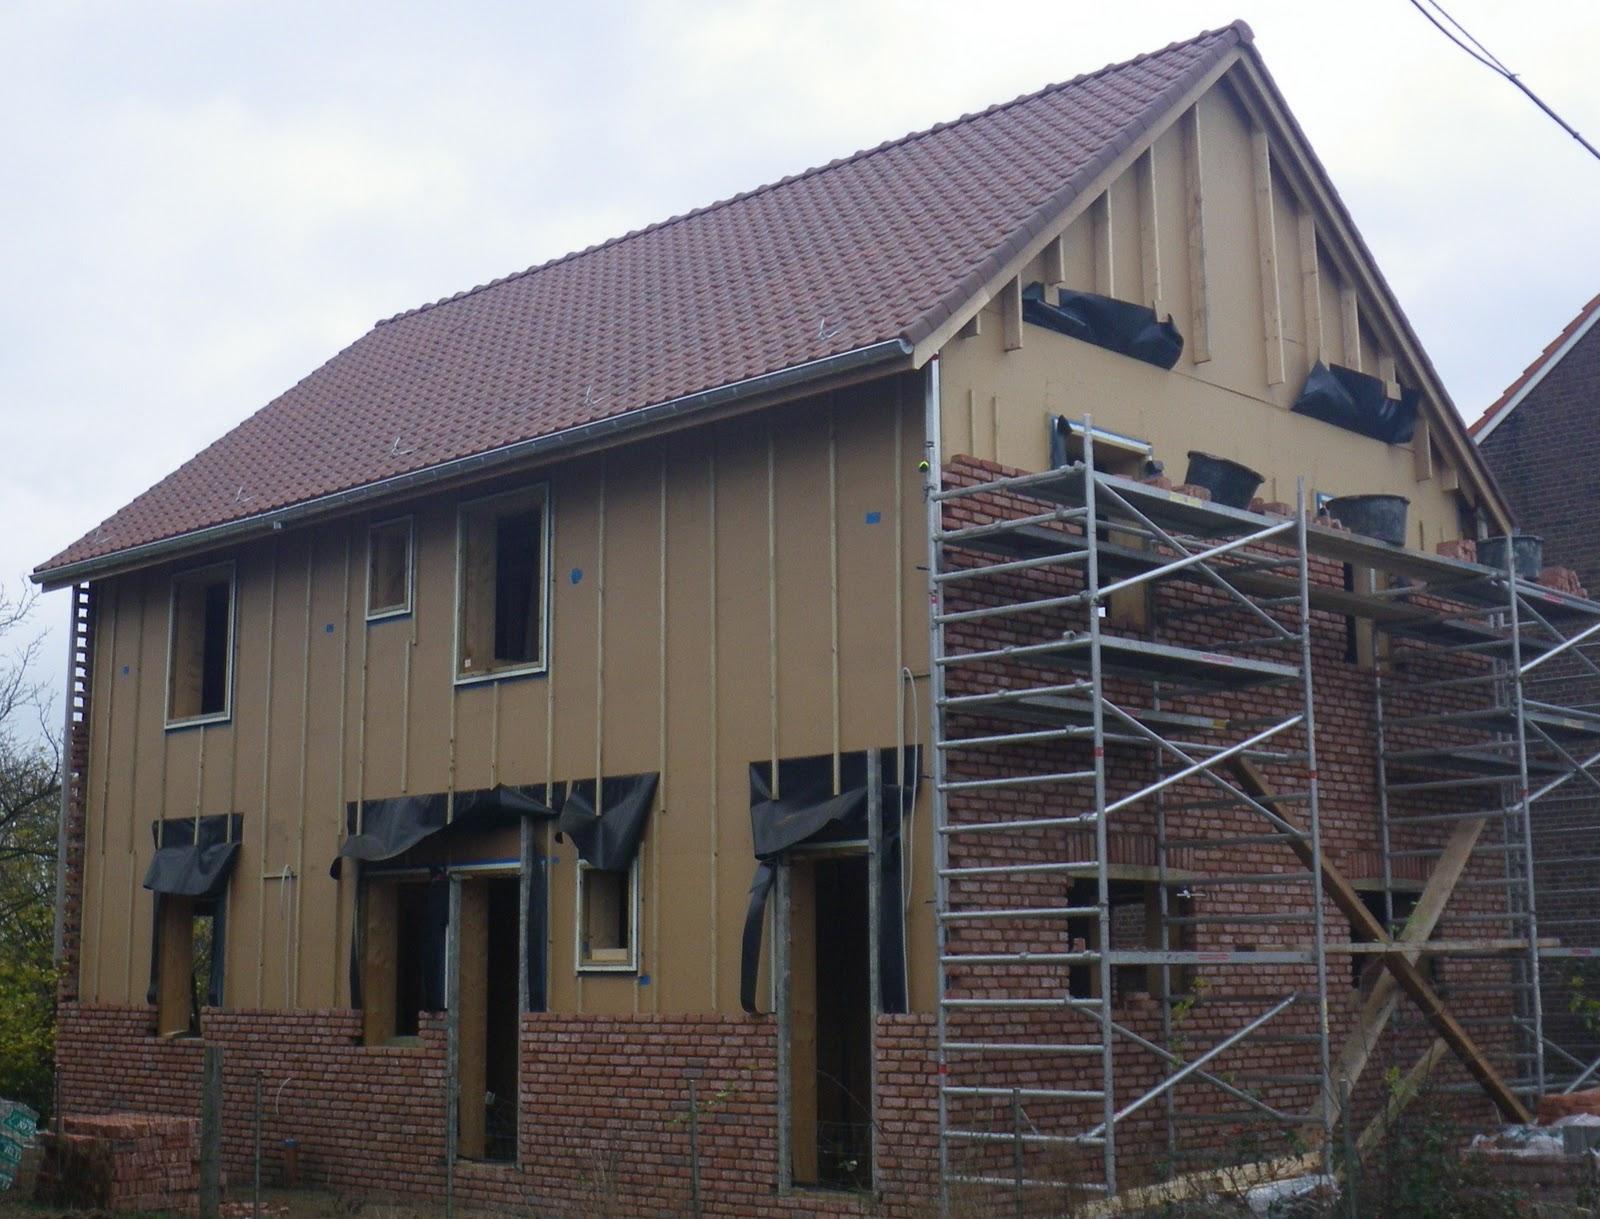 Maison paille et bois for Maison bois et paille